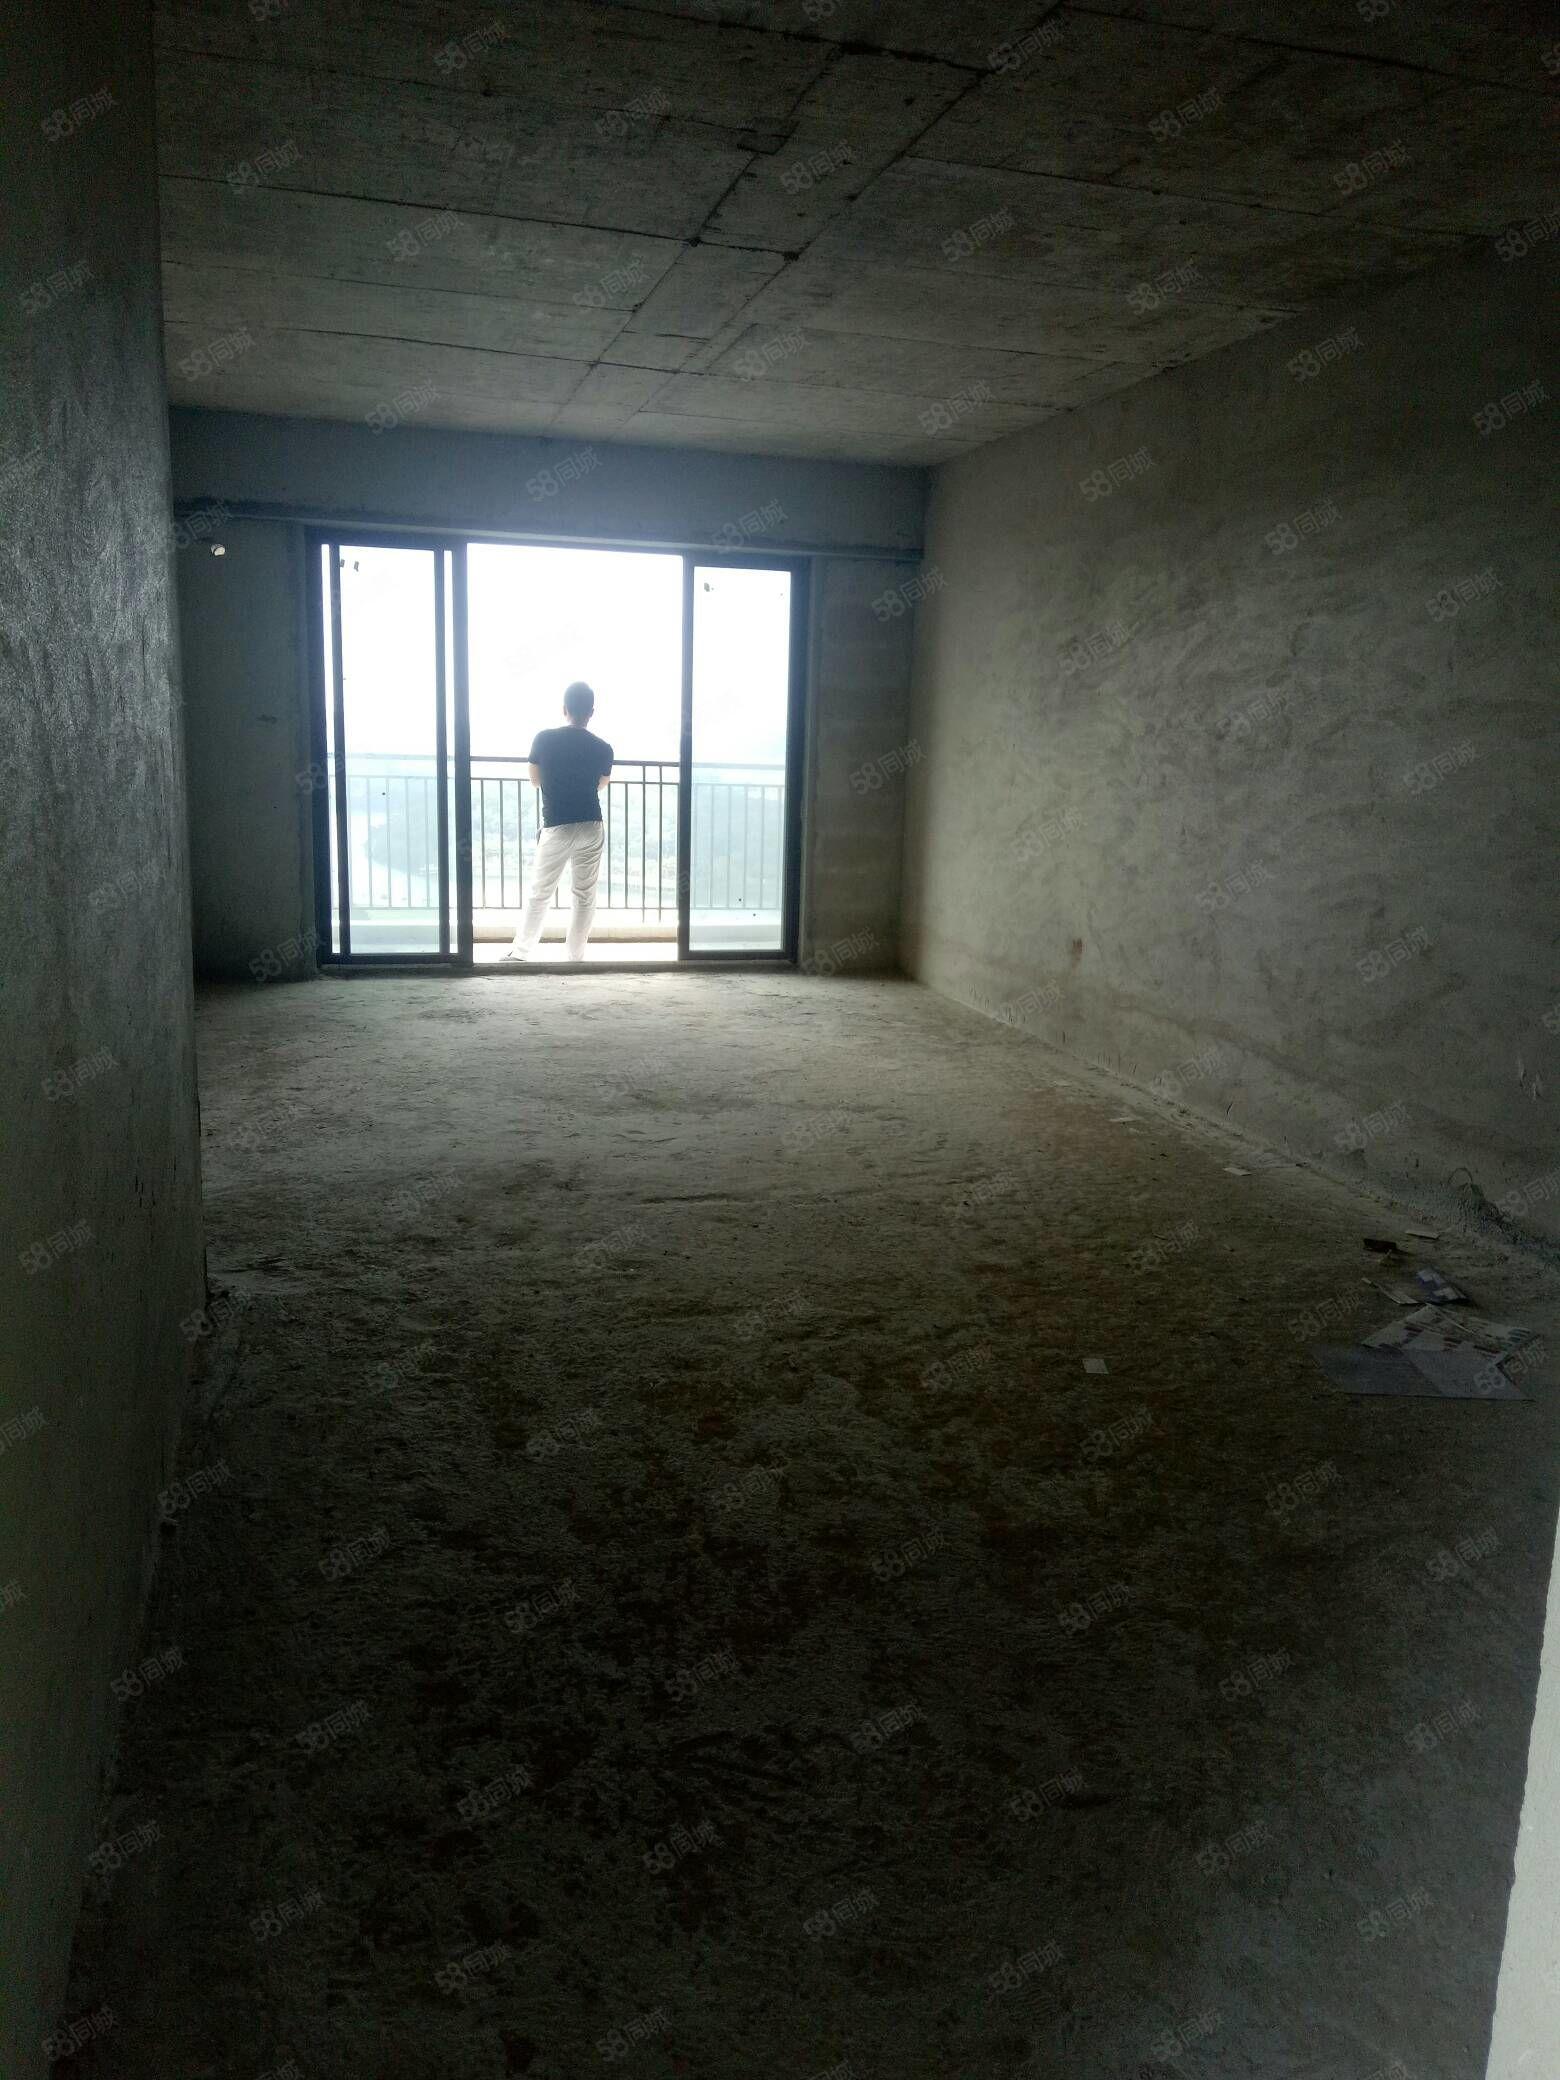 笋出汁!抢房低首期12万买电梯房阳东裕和轩靓楼层向南,证在手